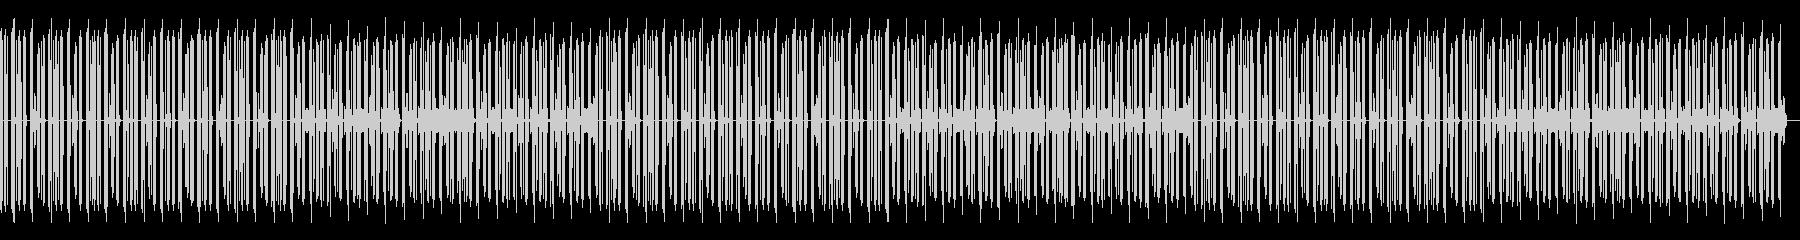 ピアノなしの未再生の波形